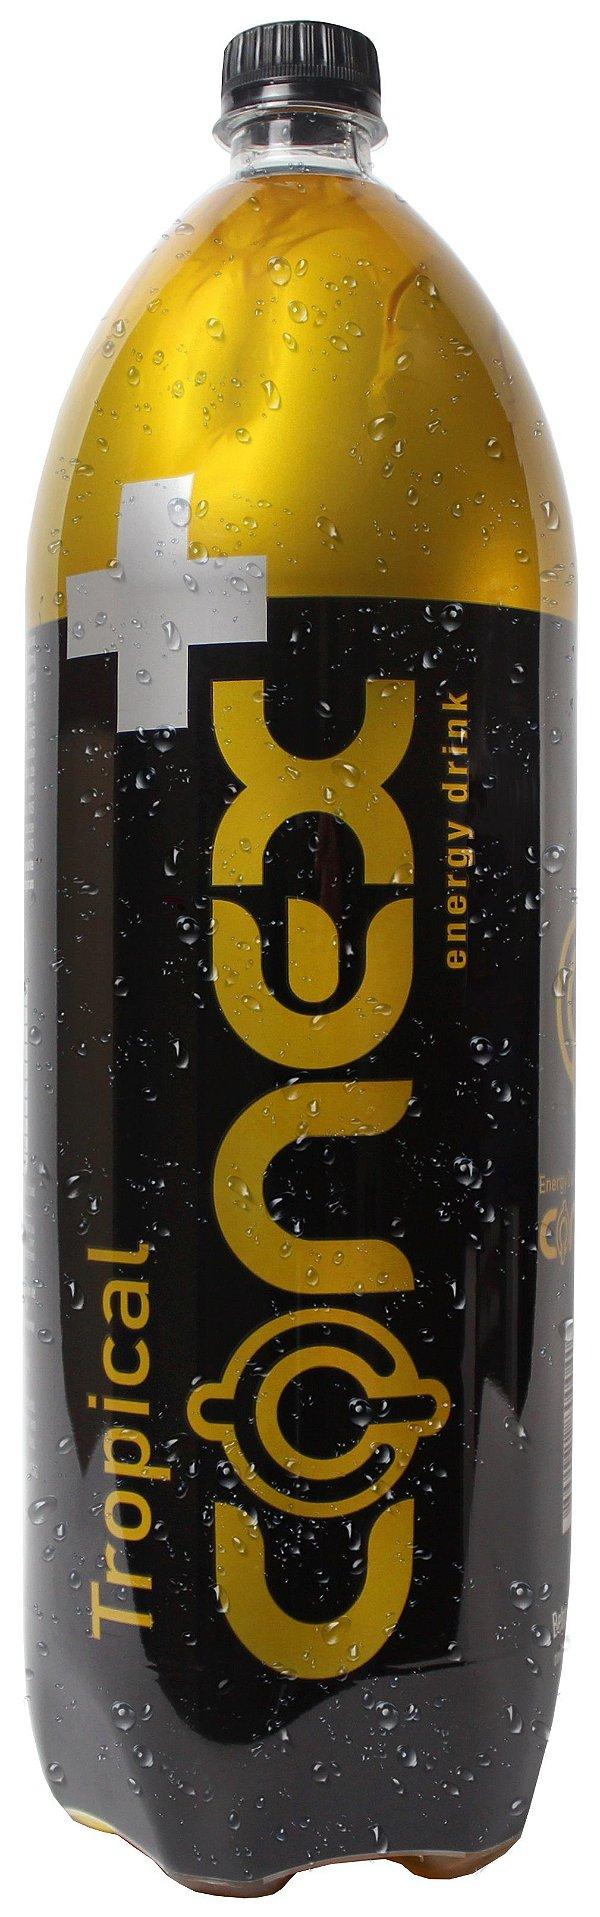 Energético CONEX sabor TROPICAL 2 Litros Pacote com 6 UND.